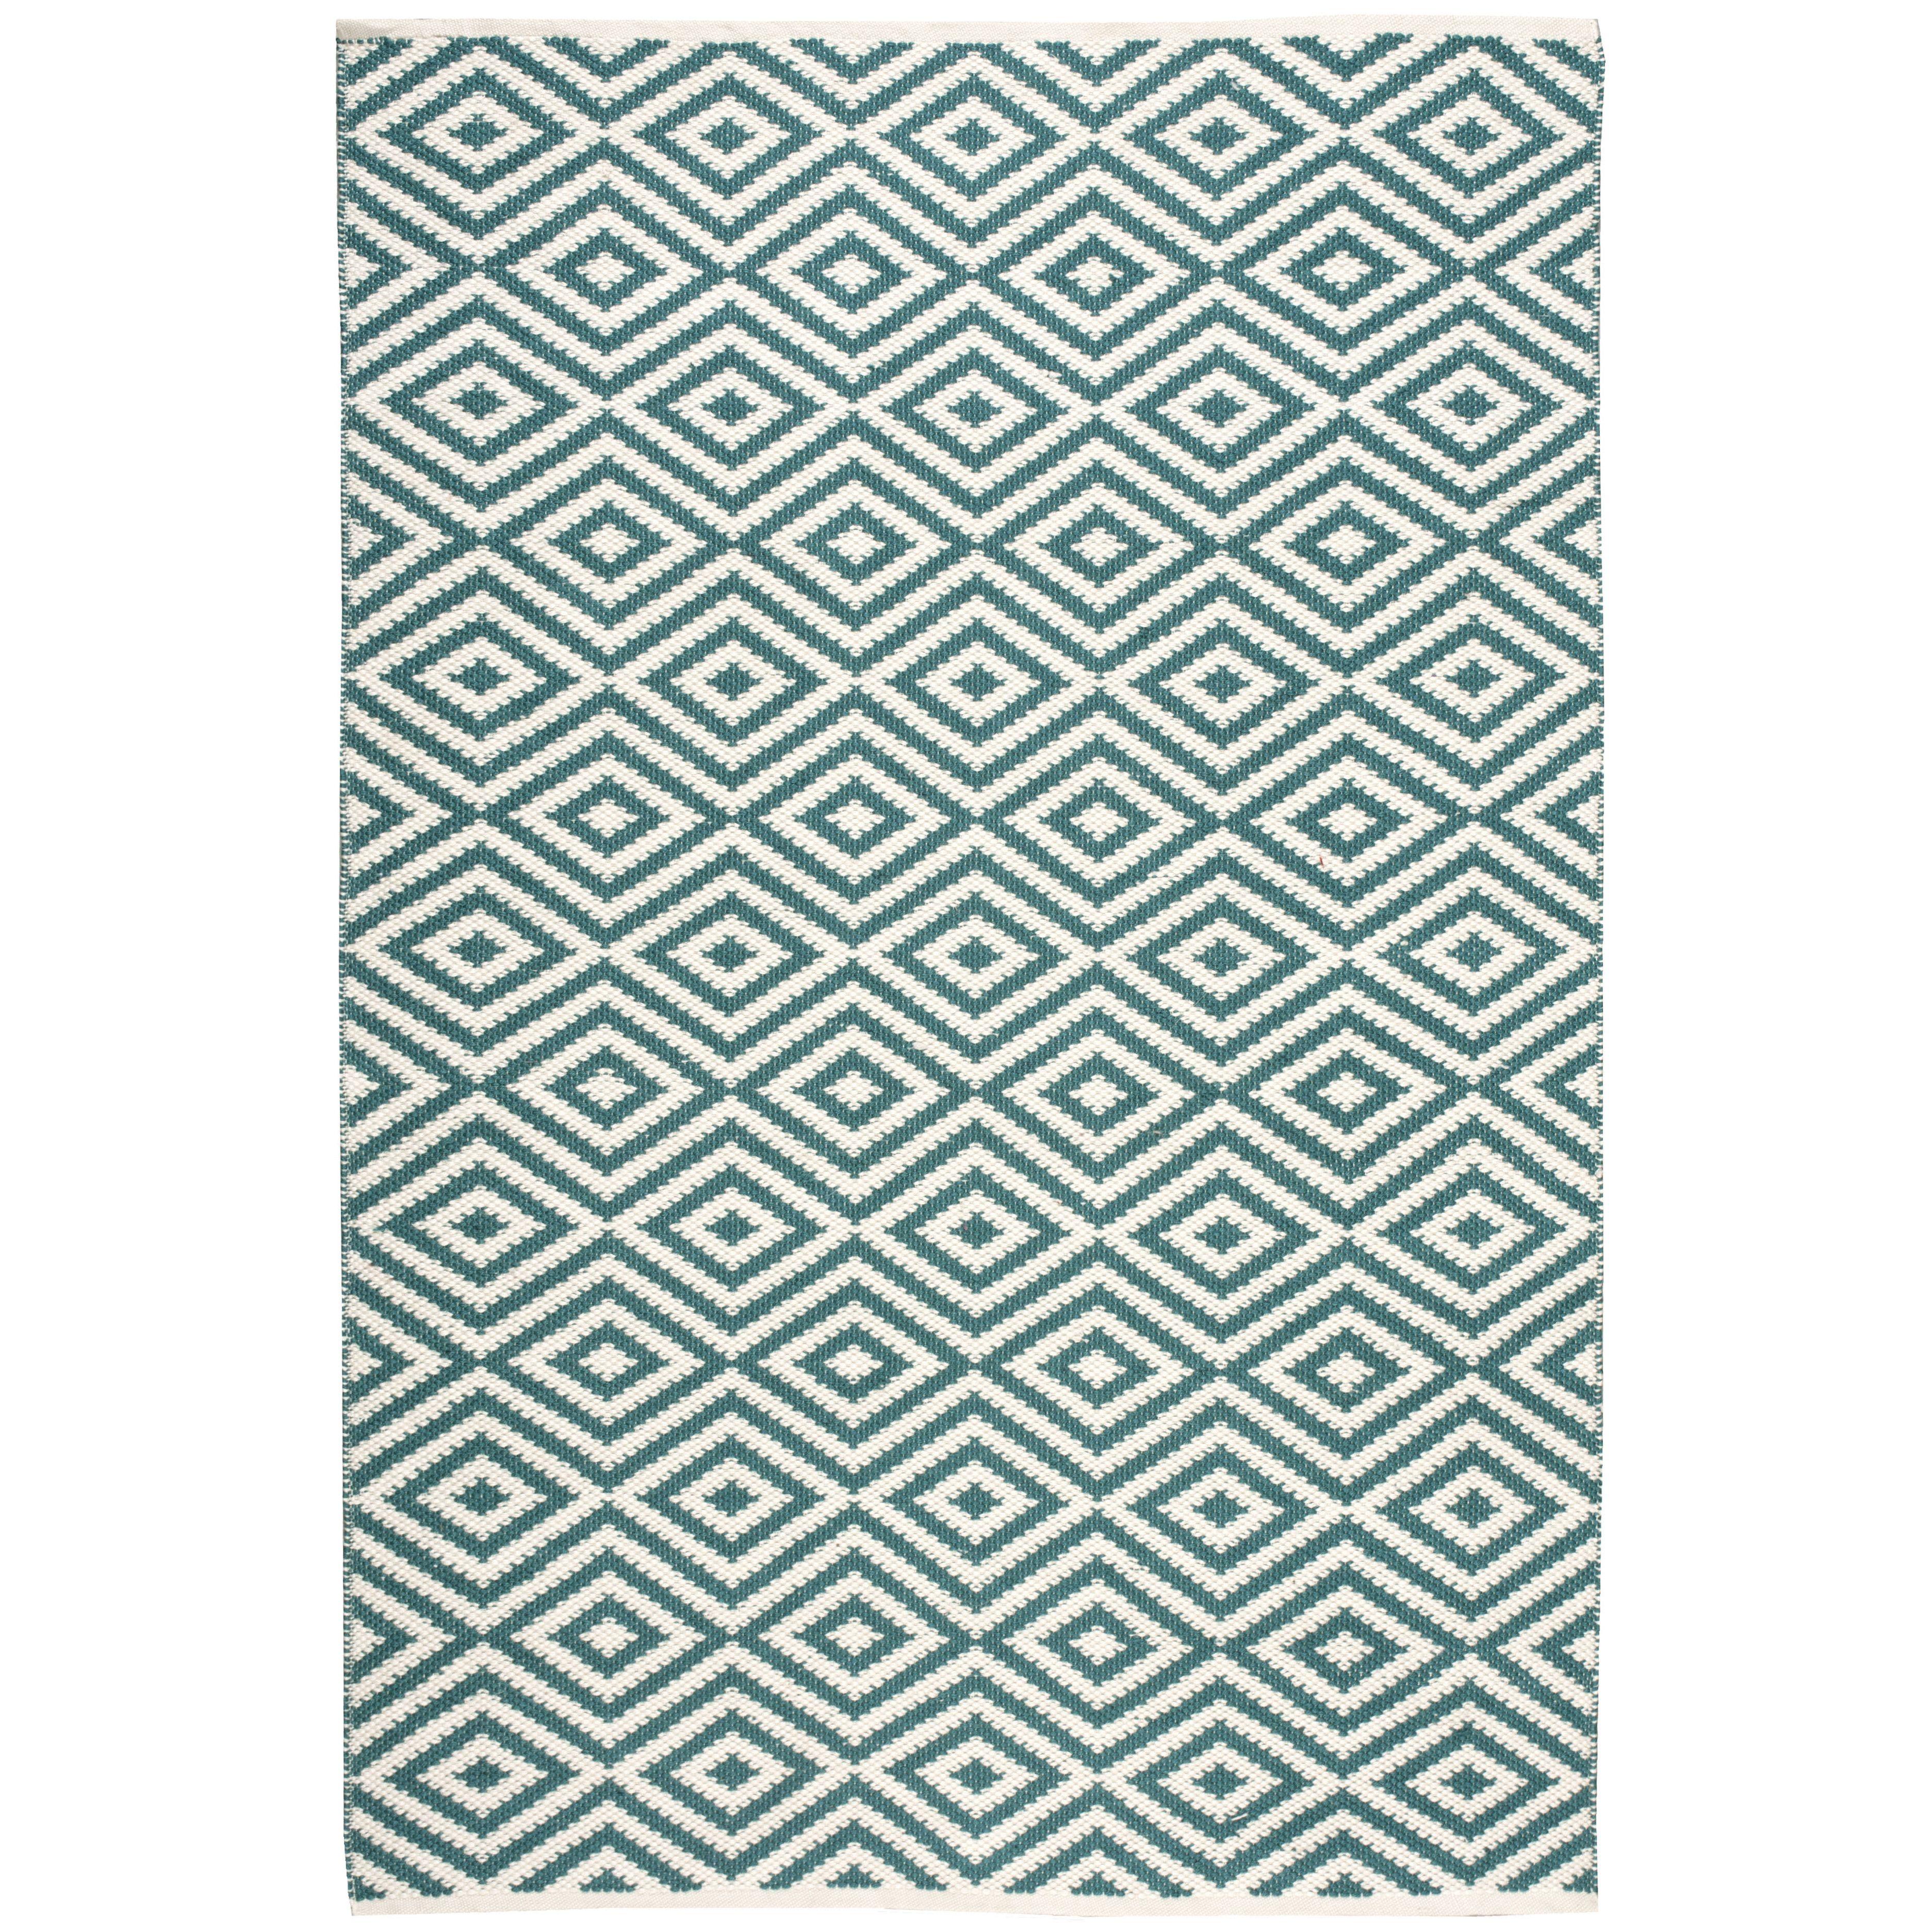 Mesa Teal Rug Wayfair Teal Rug Rugs Buying Carpet